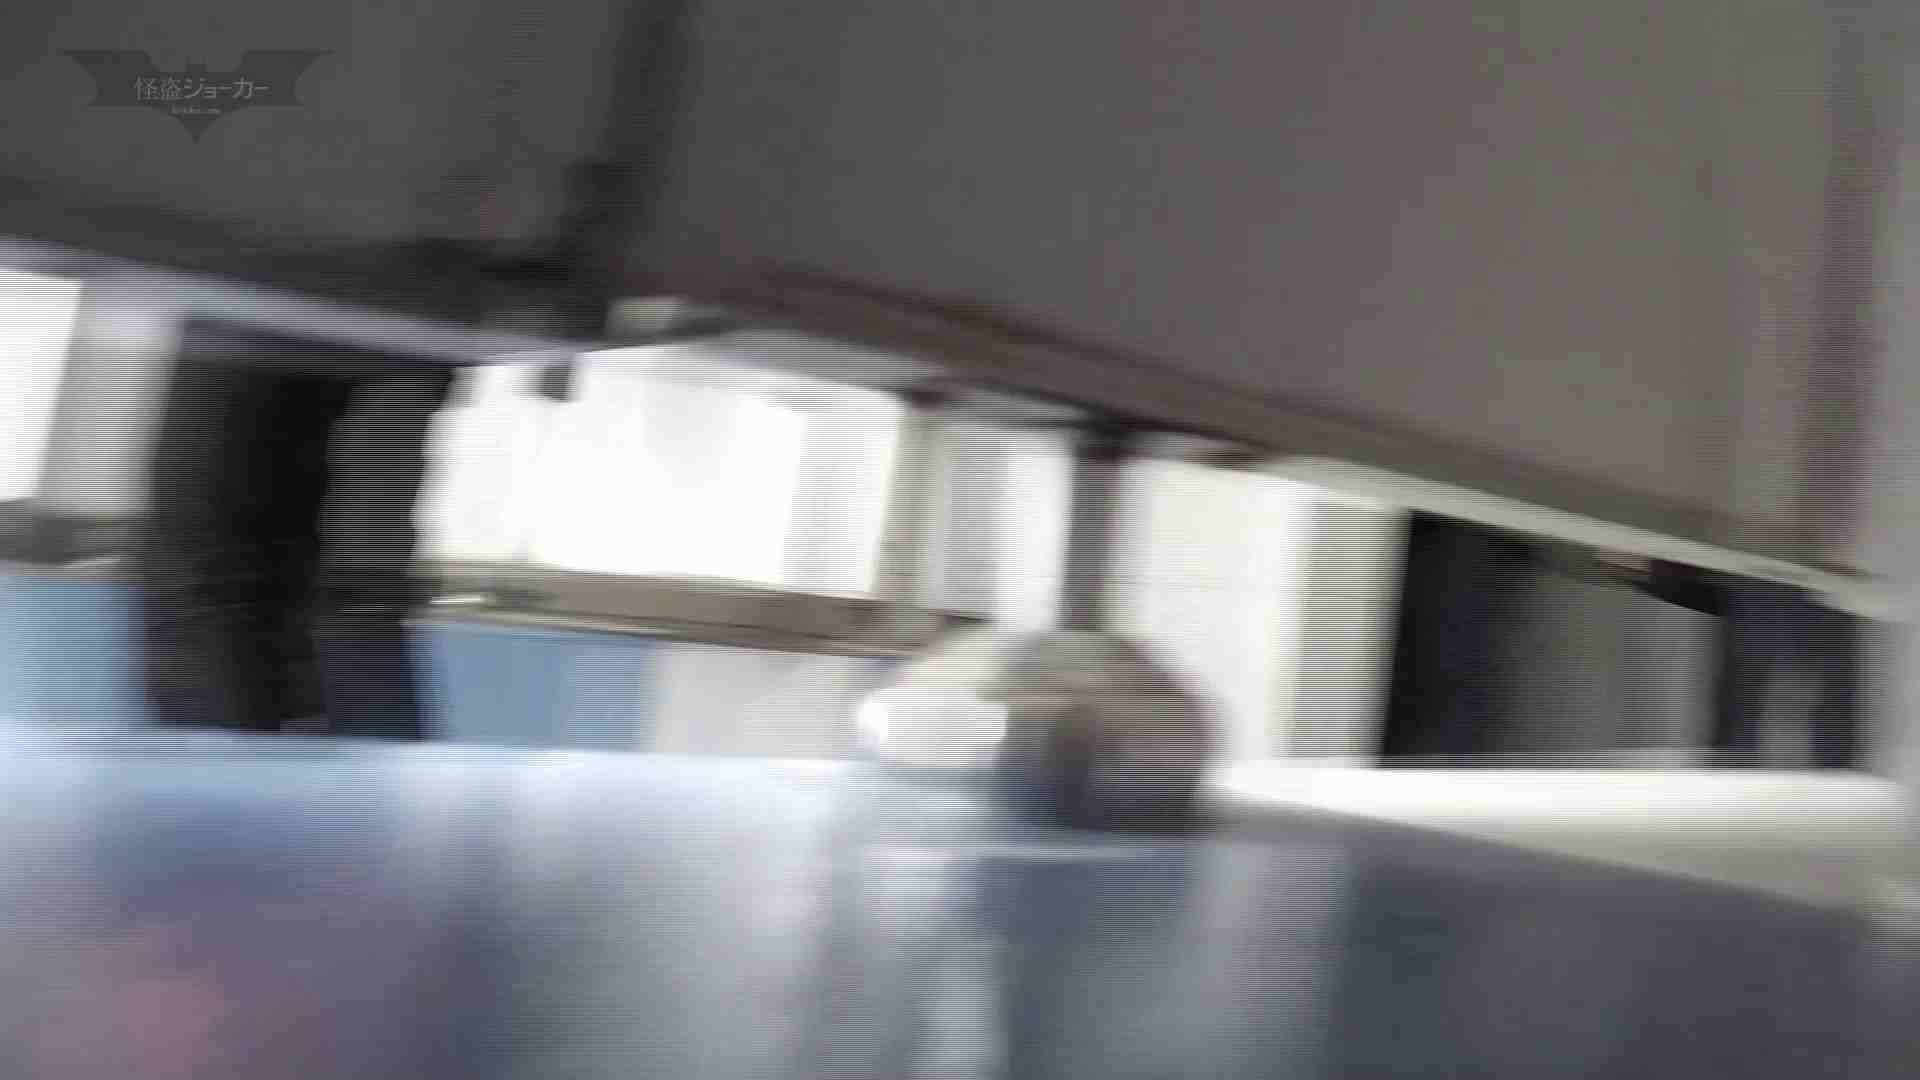 下からノゾム vol.030 びしょびしょの連続、お尻半分濡れるほど、 高画質  68PIX 66